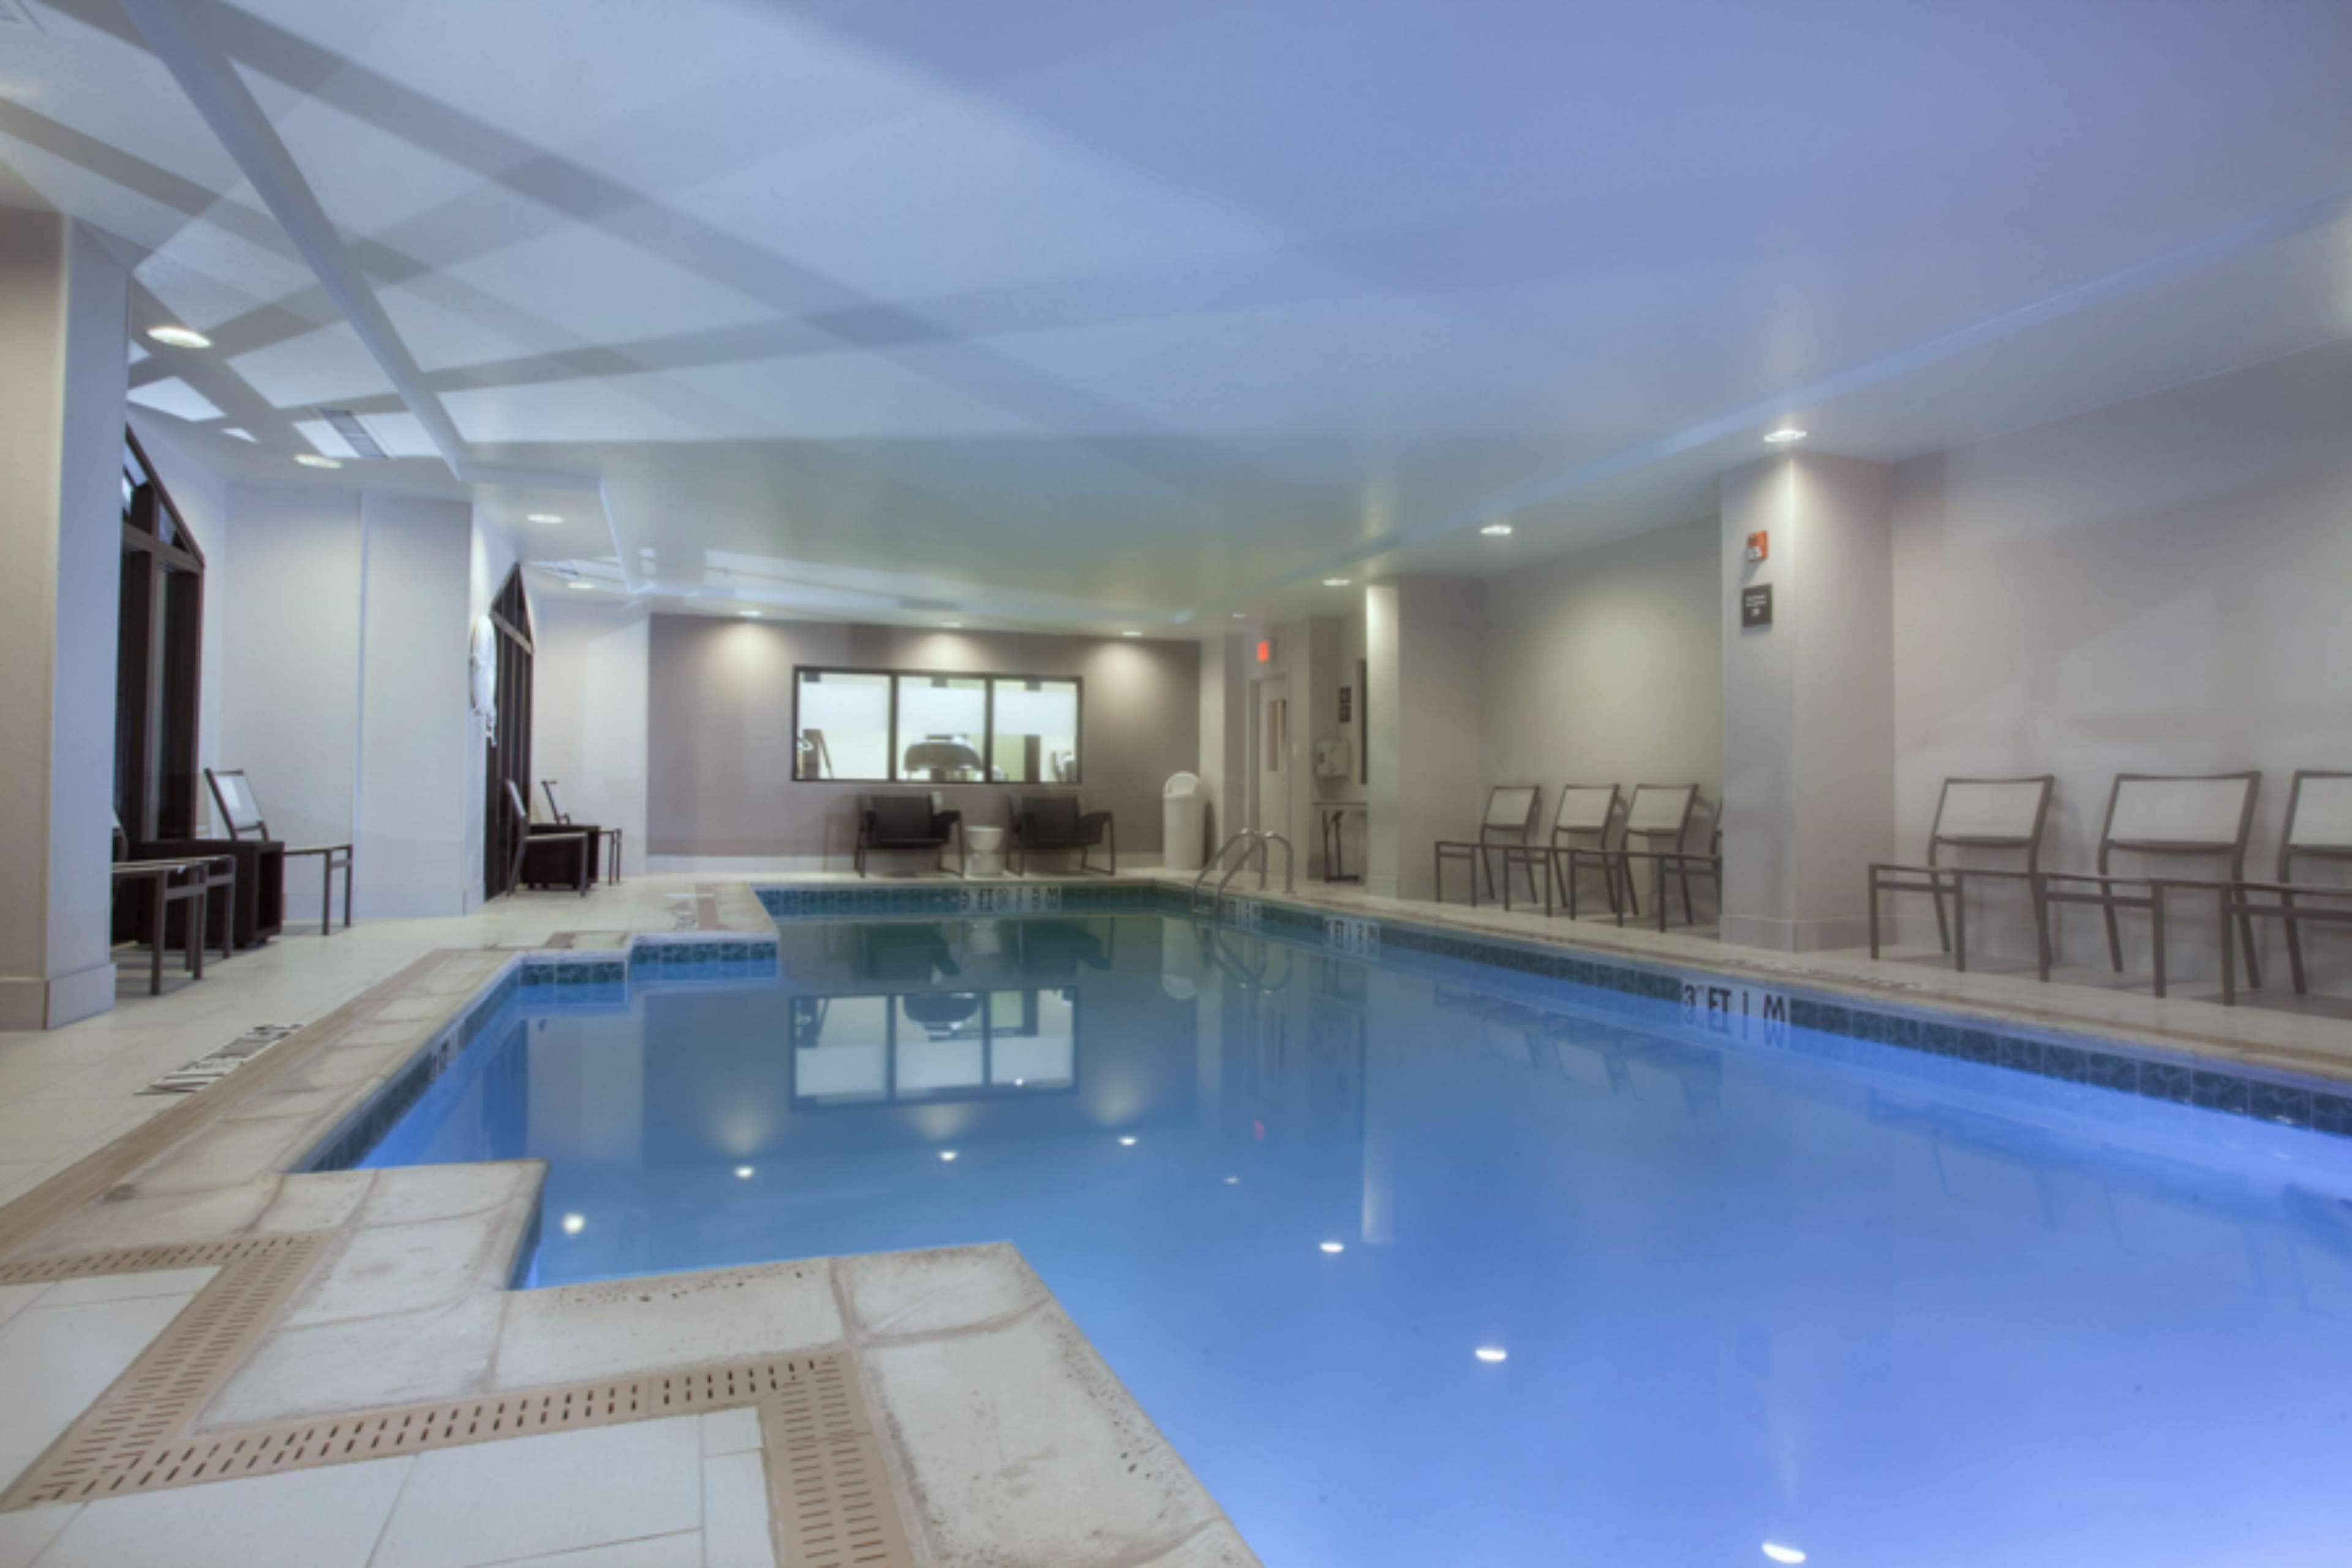 Hampton Inn & Suites Dallas-DFW Airport North-Grapevine in Grapevine, TX, photo #8